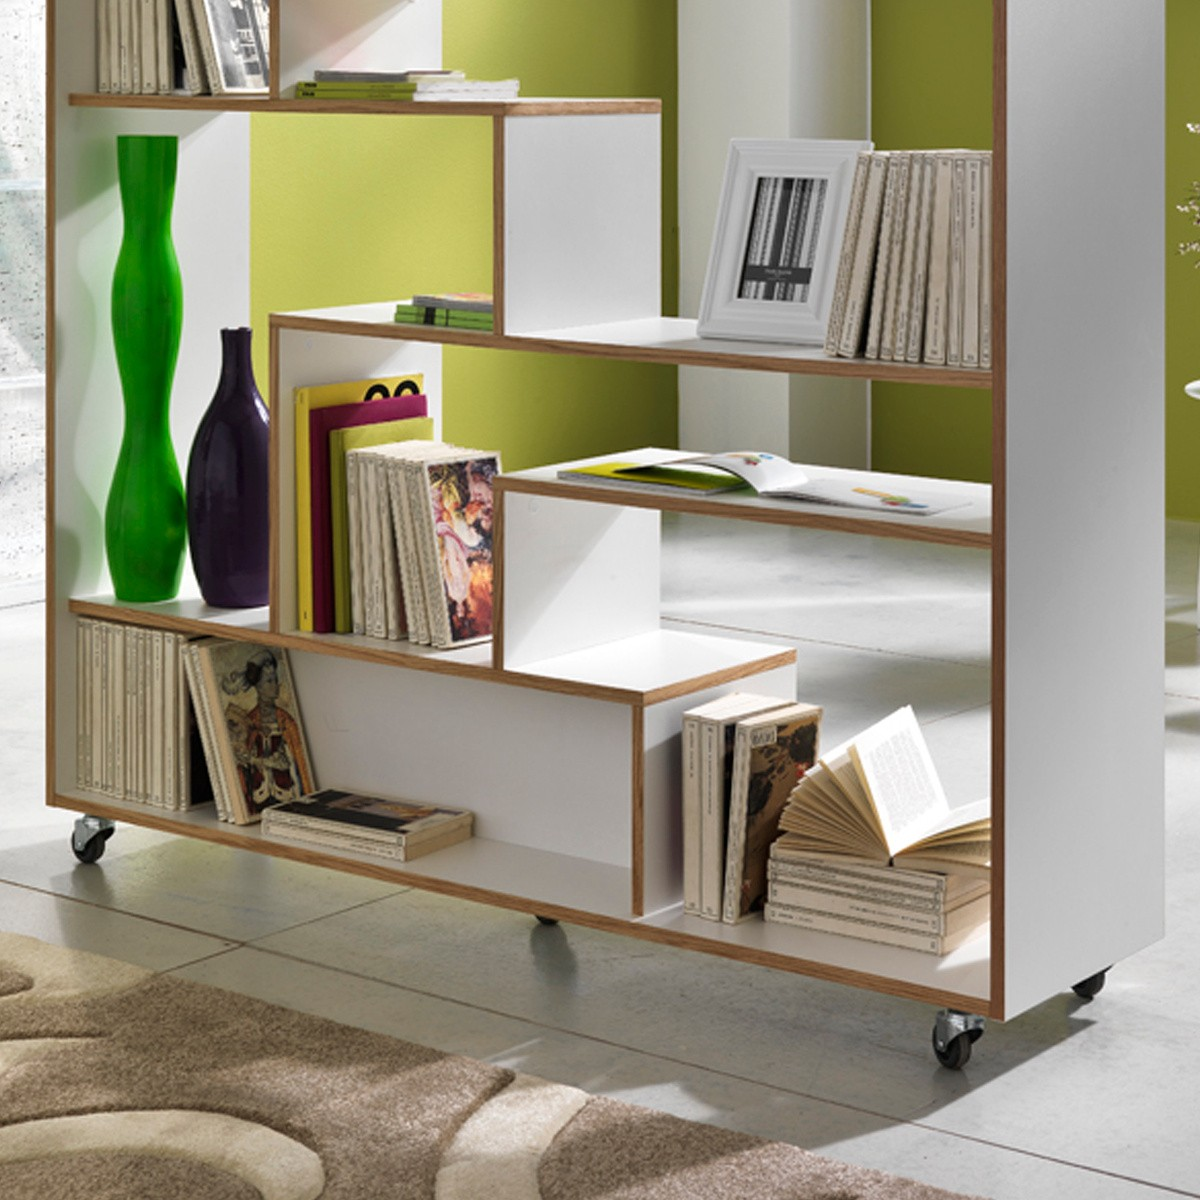 Libreria su ruote moving in legno laccato bianco 145 x 160 cm for Librerie in legno componibili